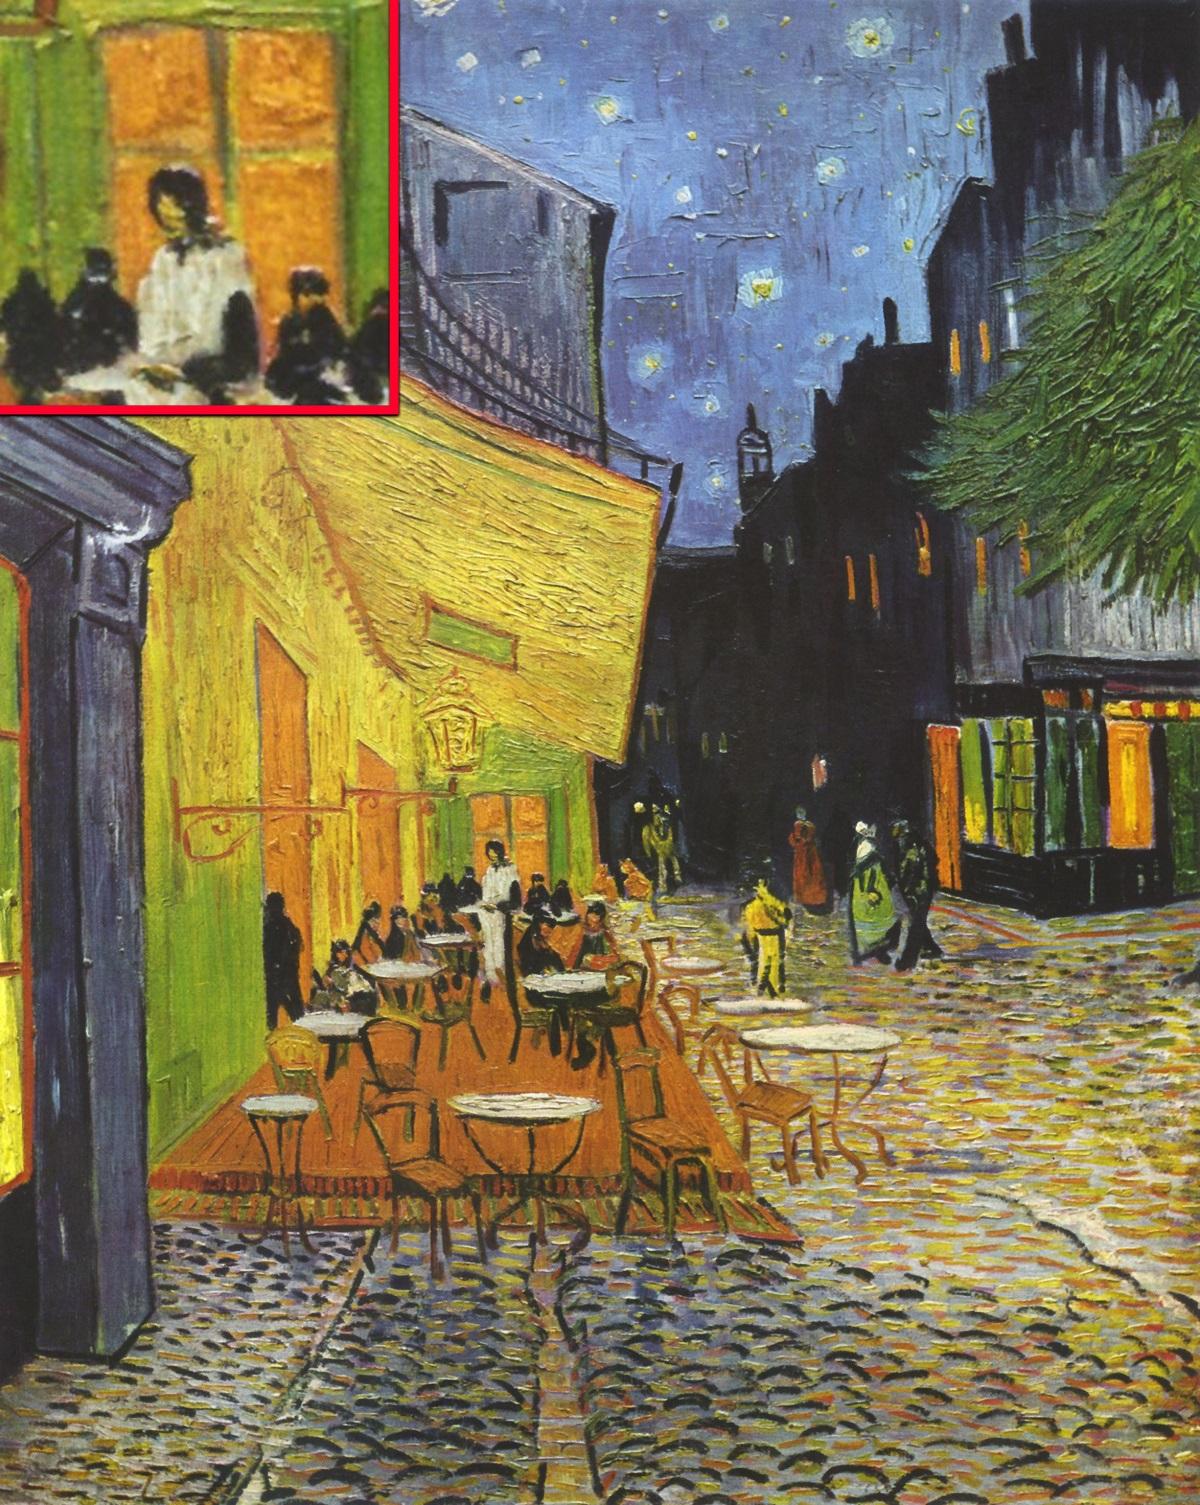 Descubra detalhes ocultos em 6 obras de arte famosas